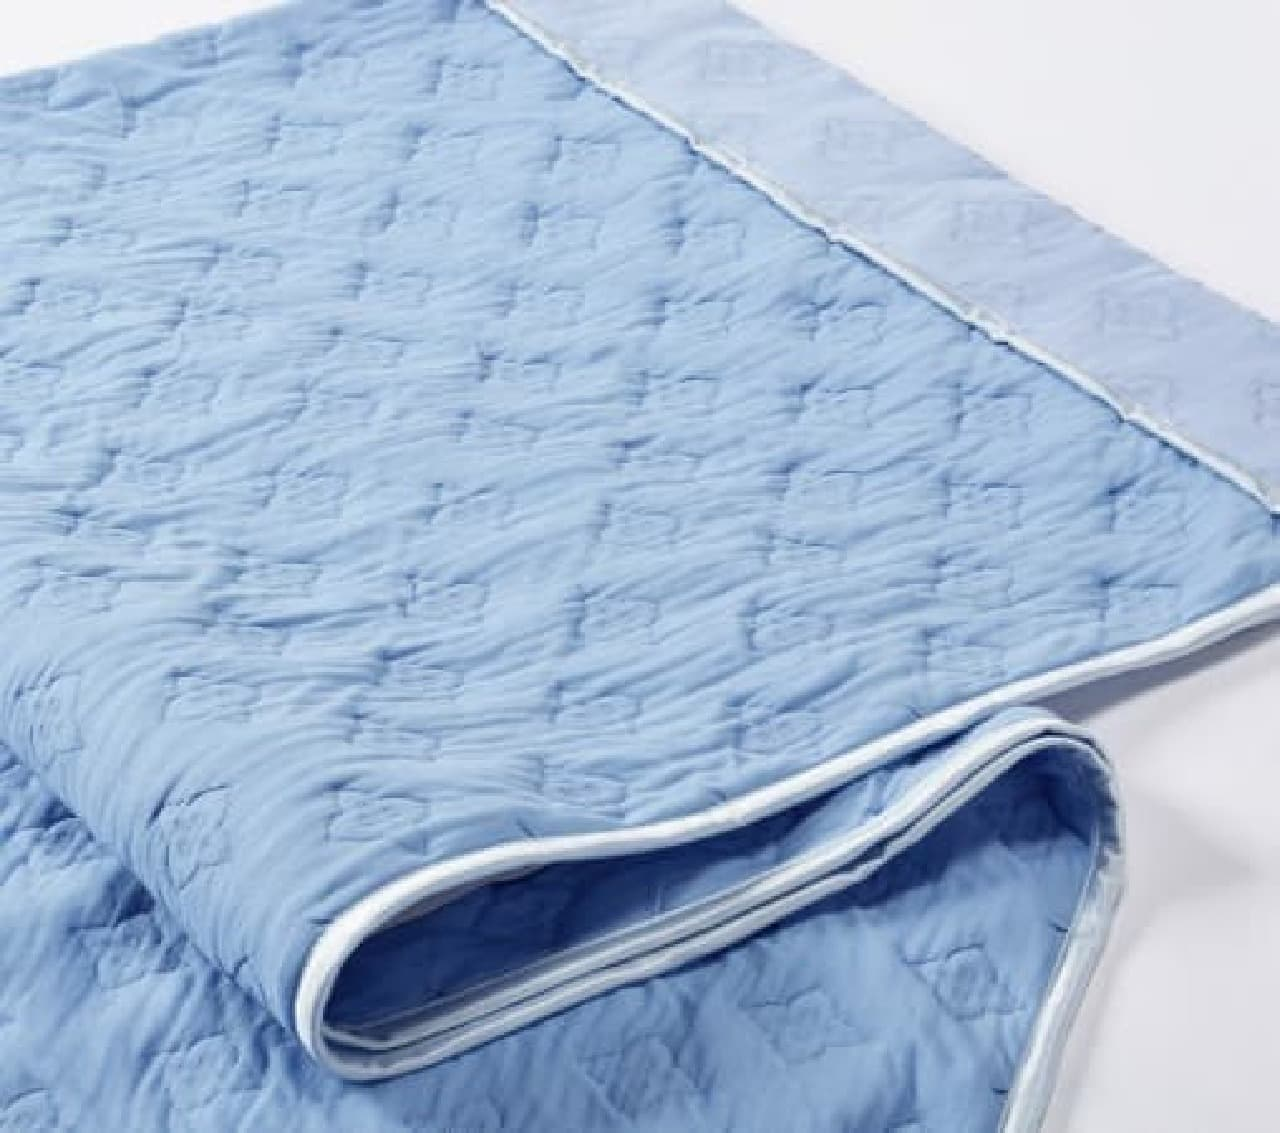 裏表で異なる素材を使い、冷感と優しい肌触りを実現  「ソフトクールケット」(140×190cm、1万円)